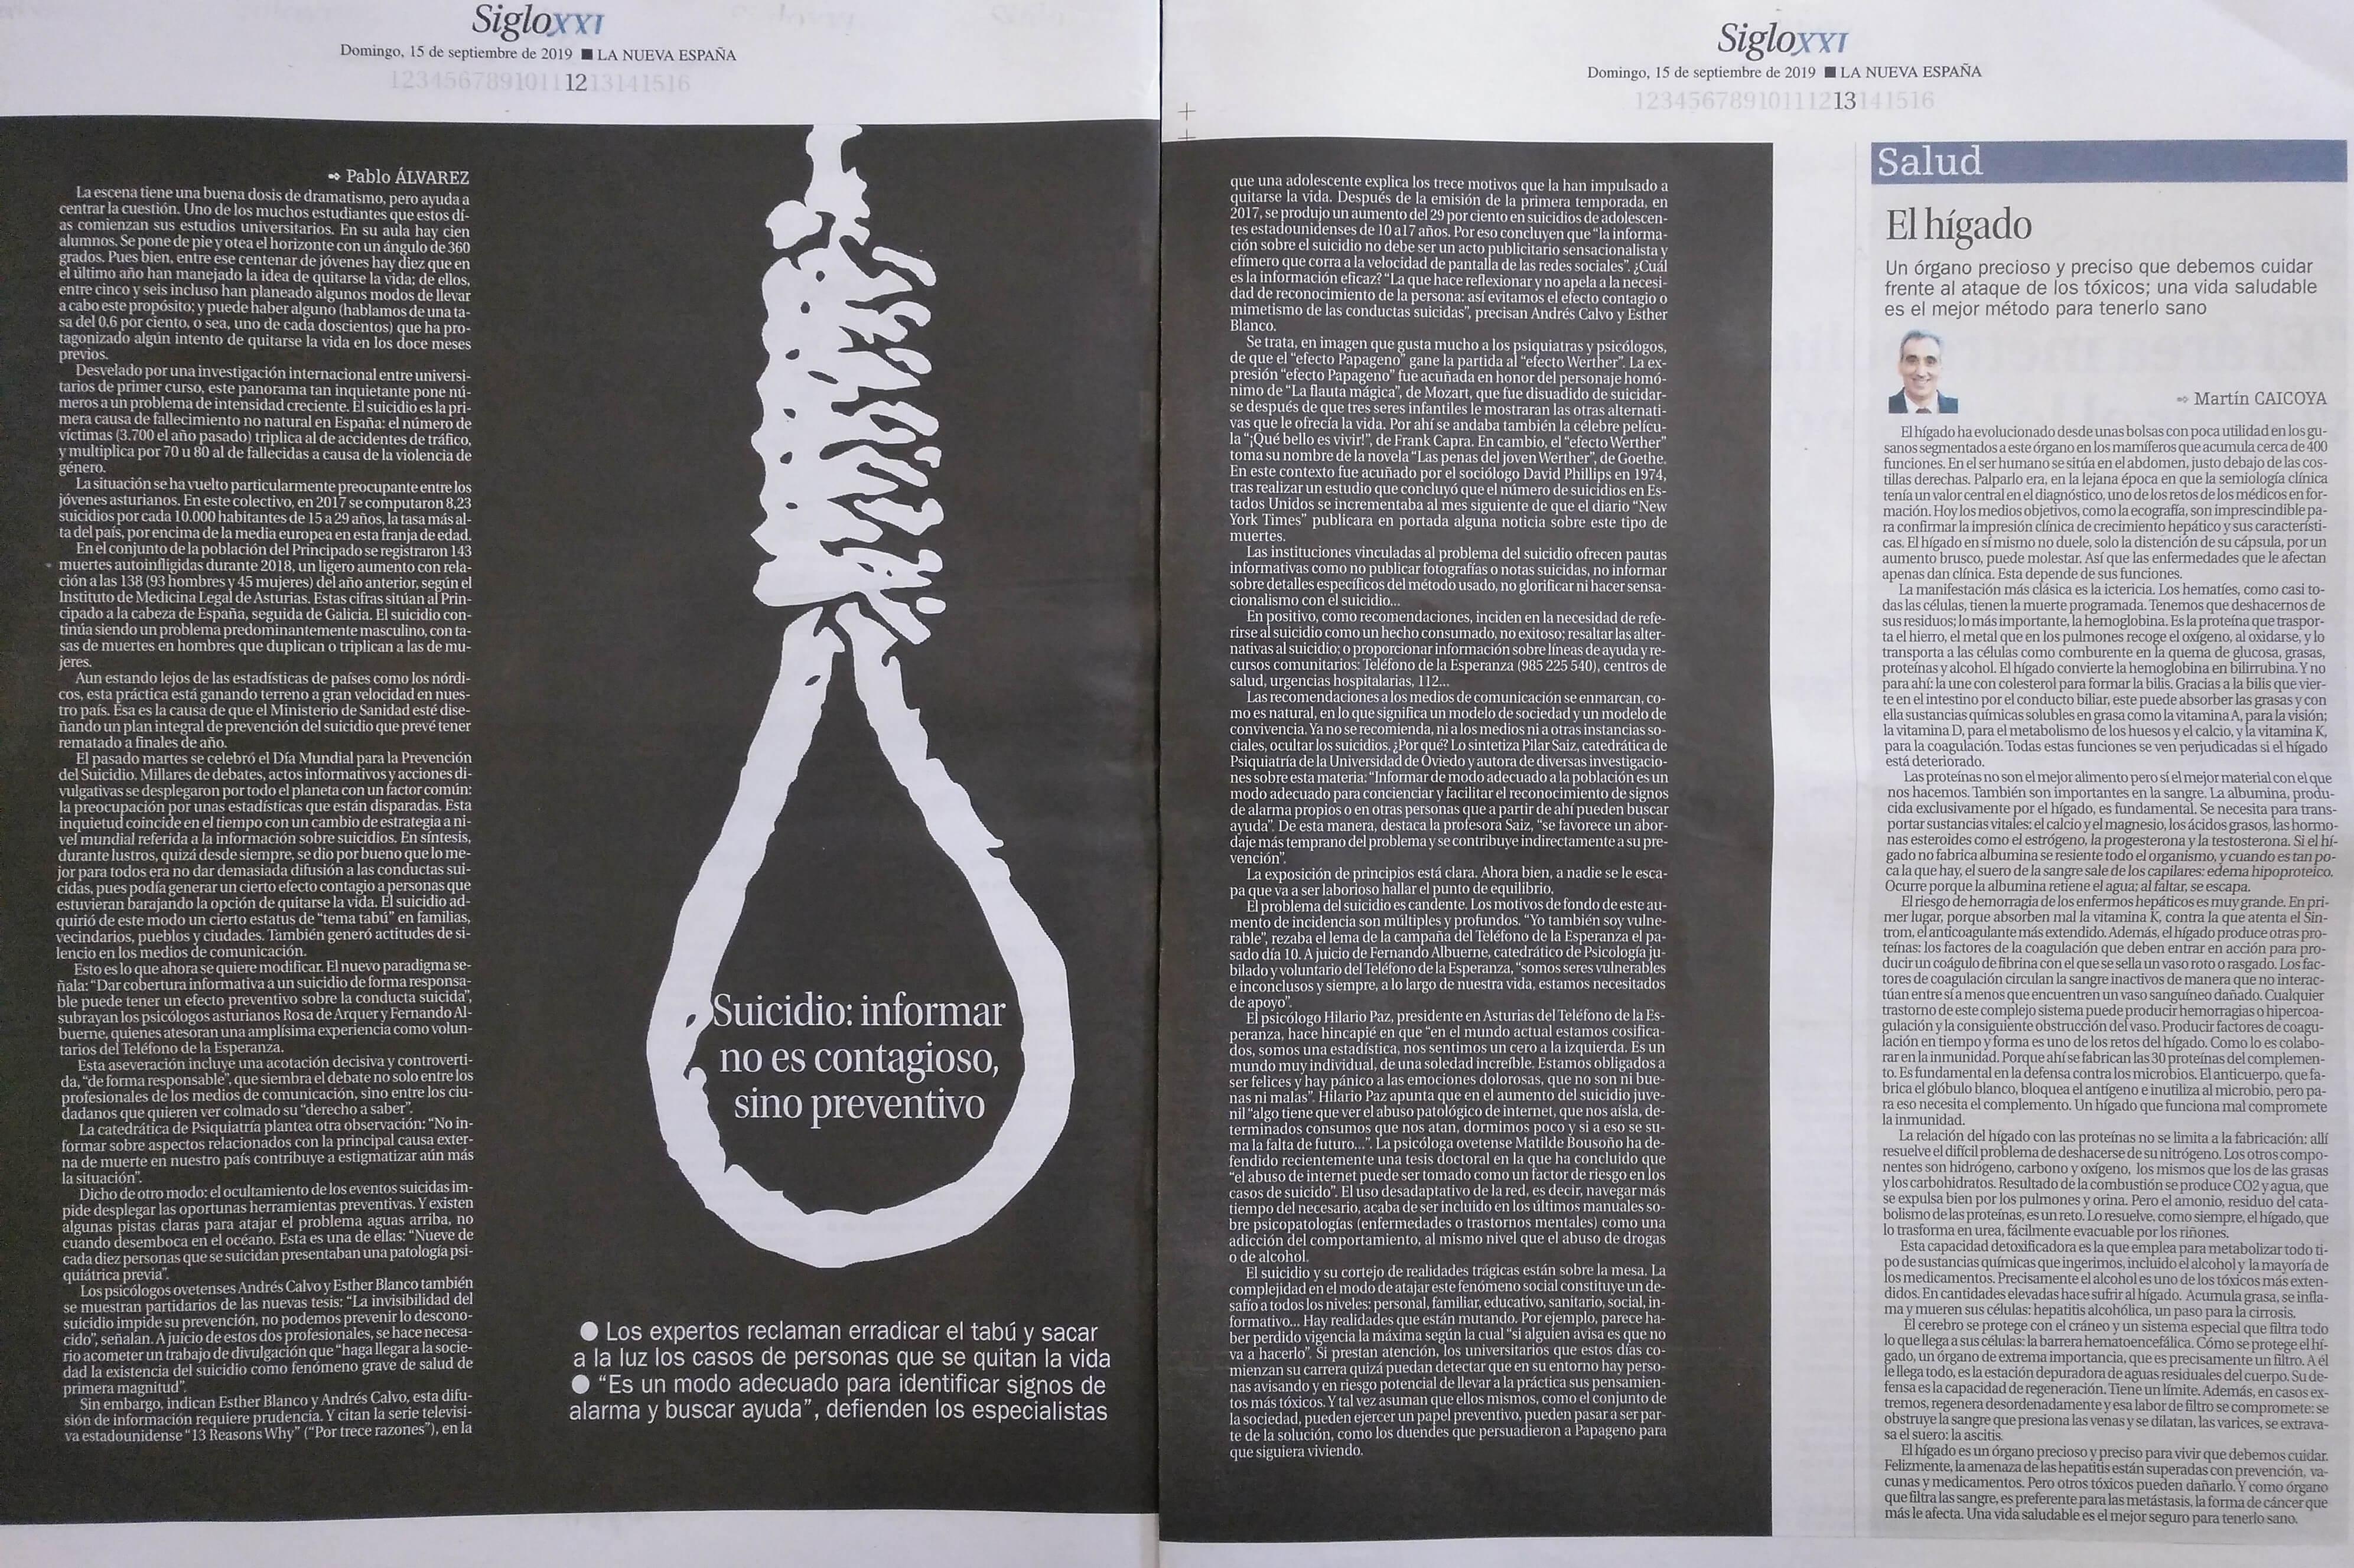 Suicidio: informar es preventivo